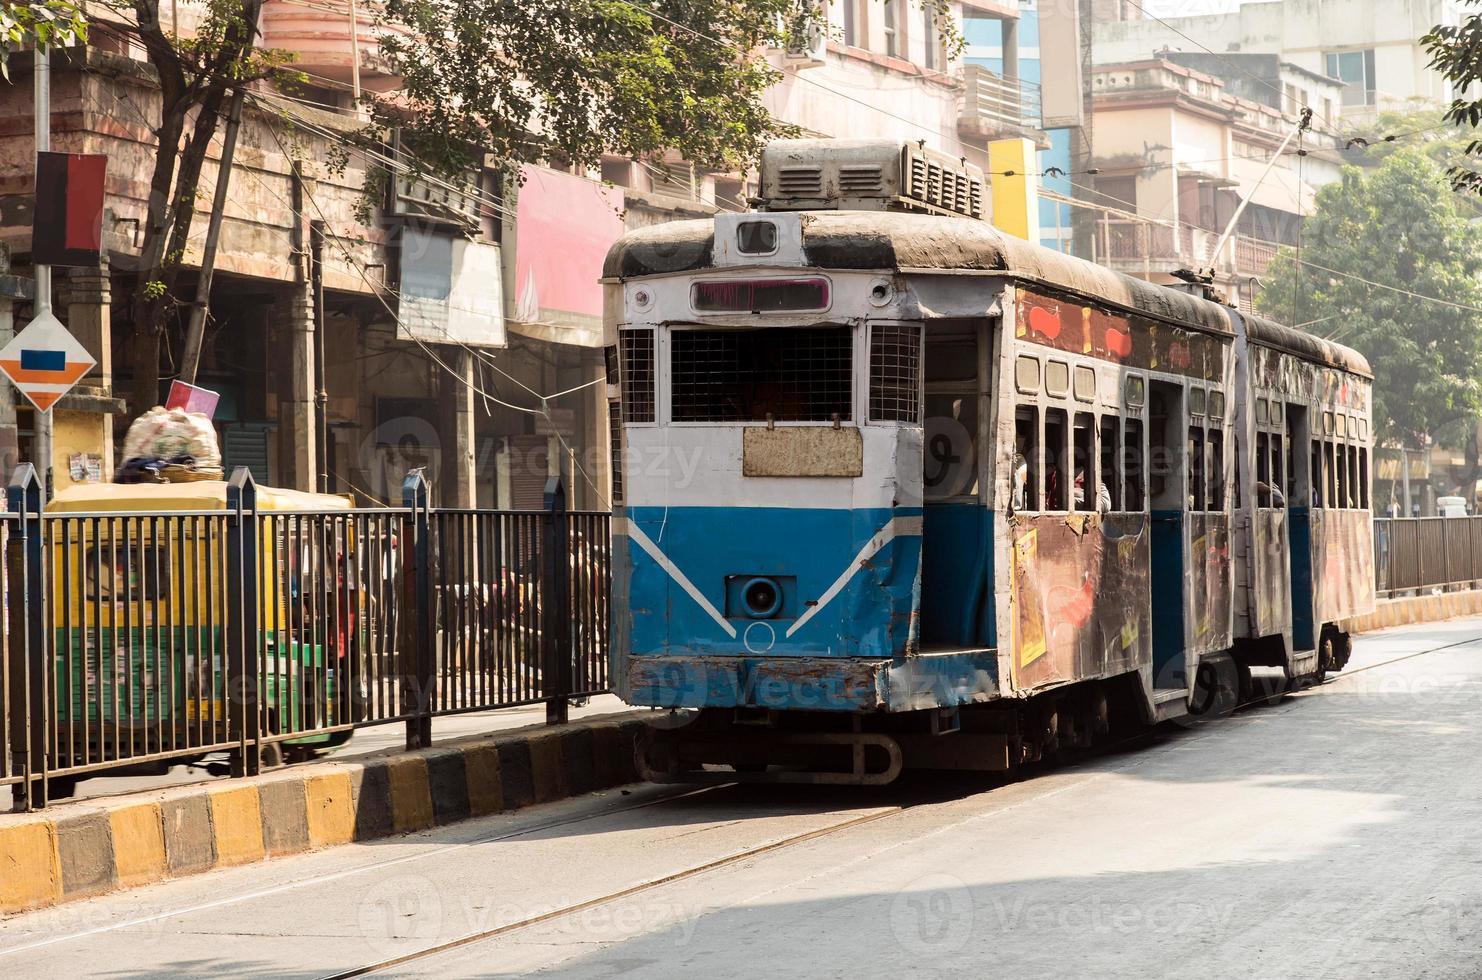 tranvías patrimoniales de calcuta foto